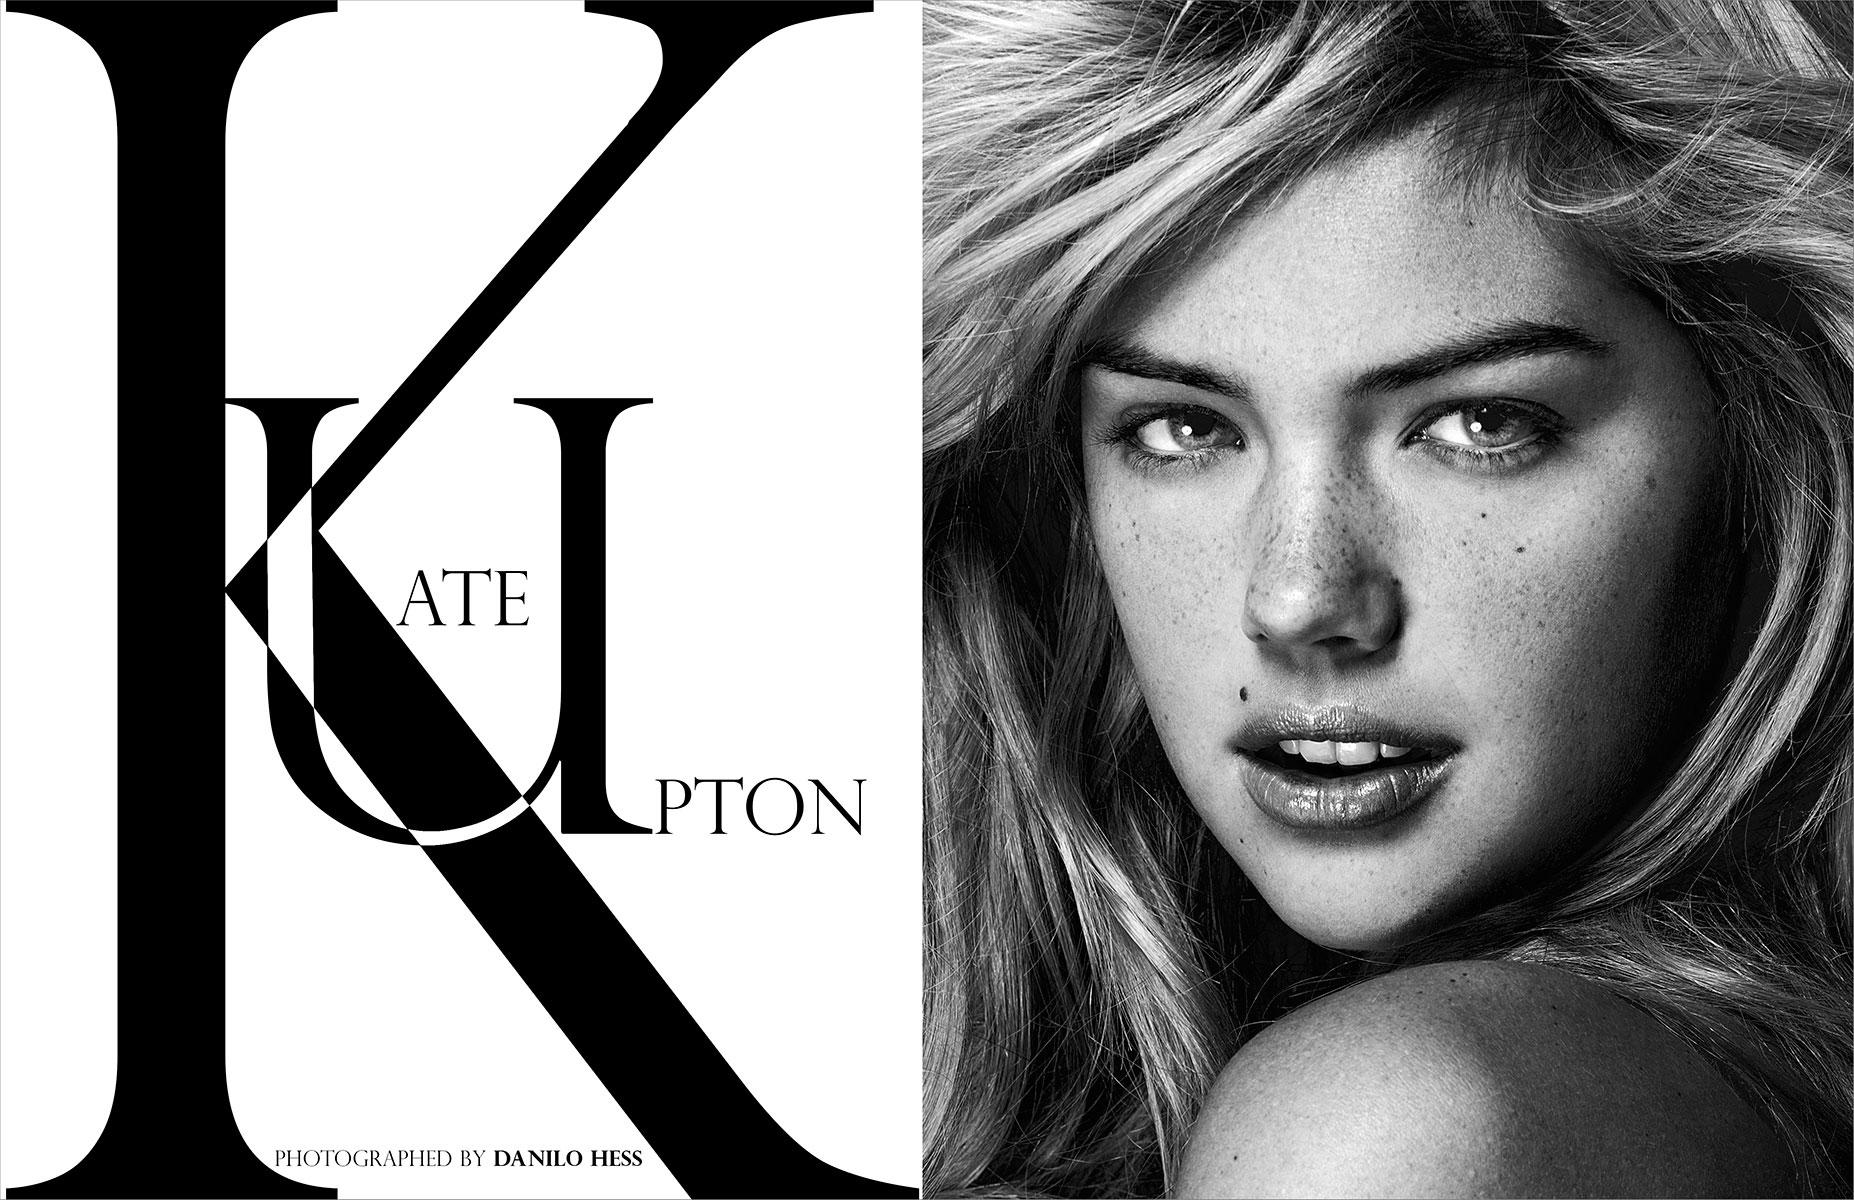 KateUpton_Portrait_1